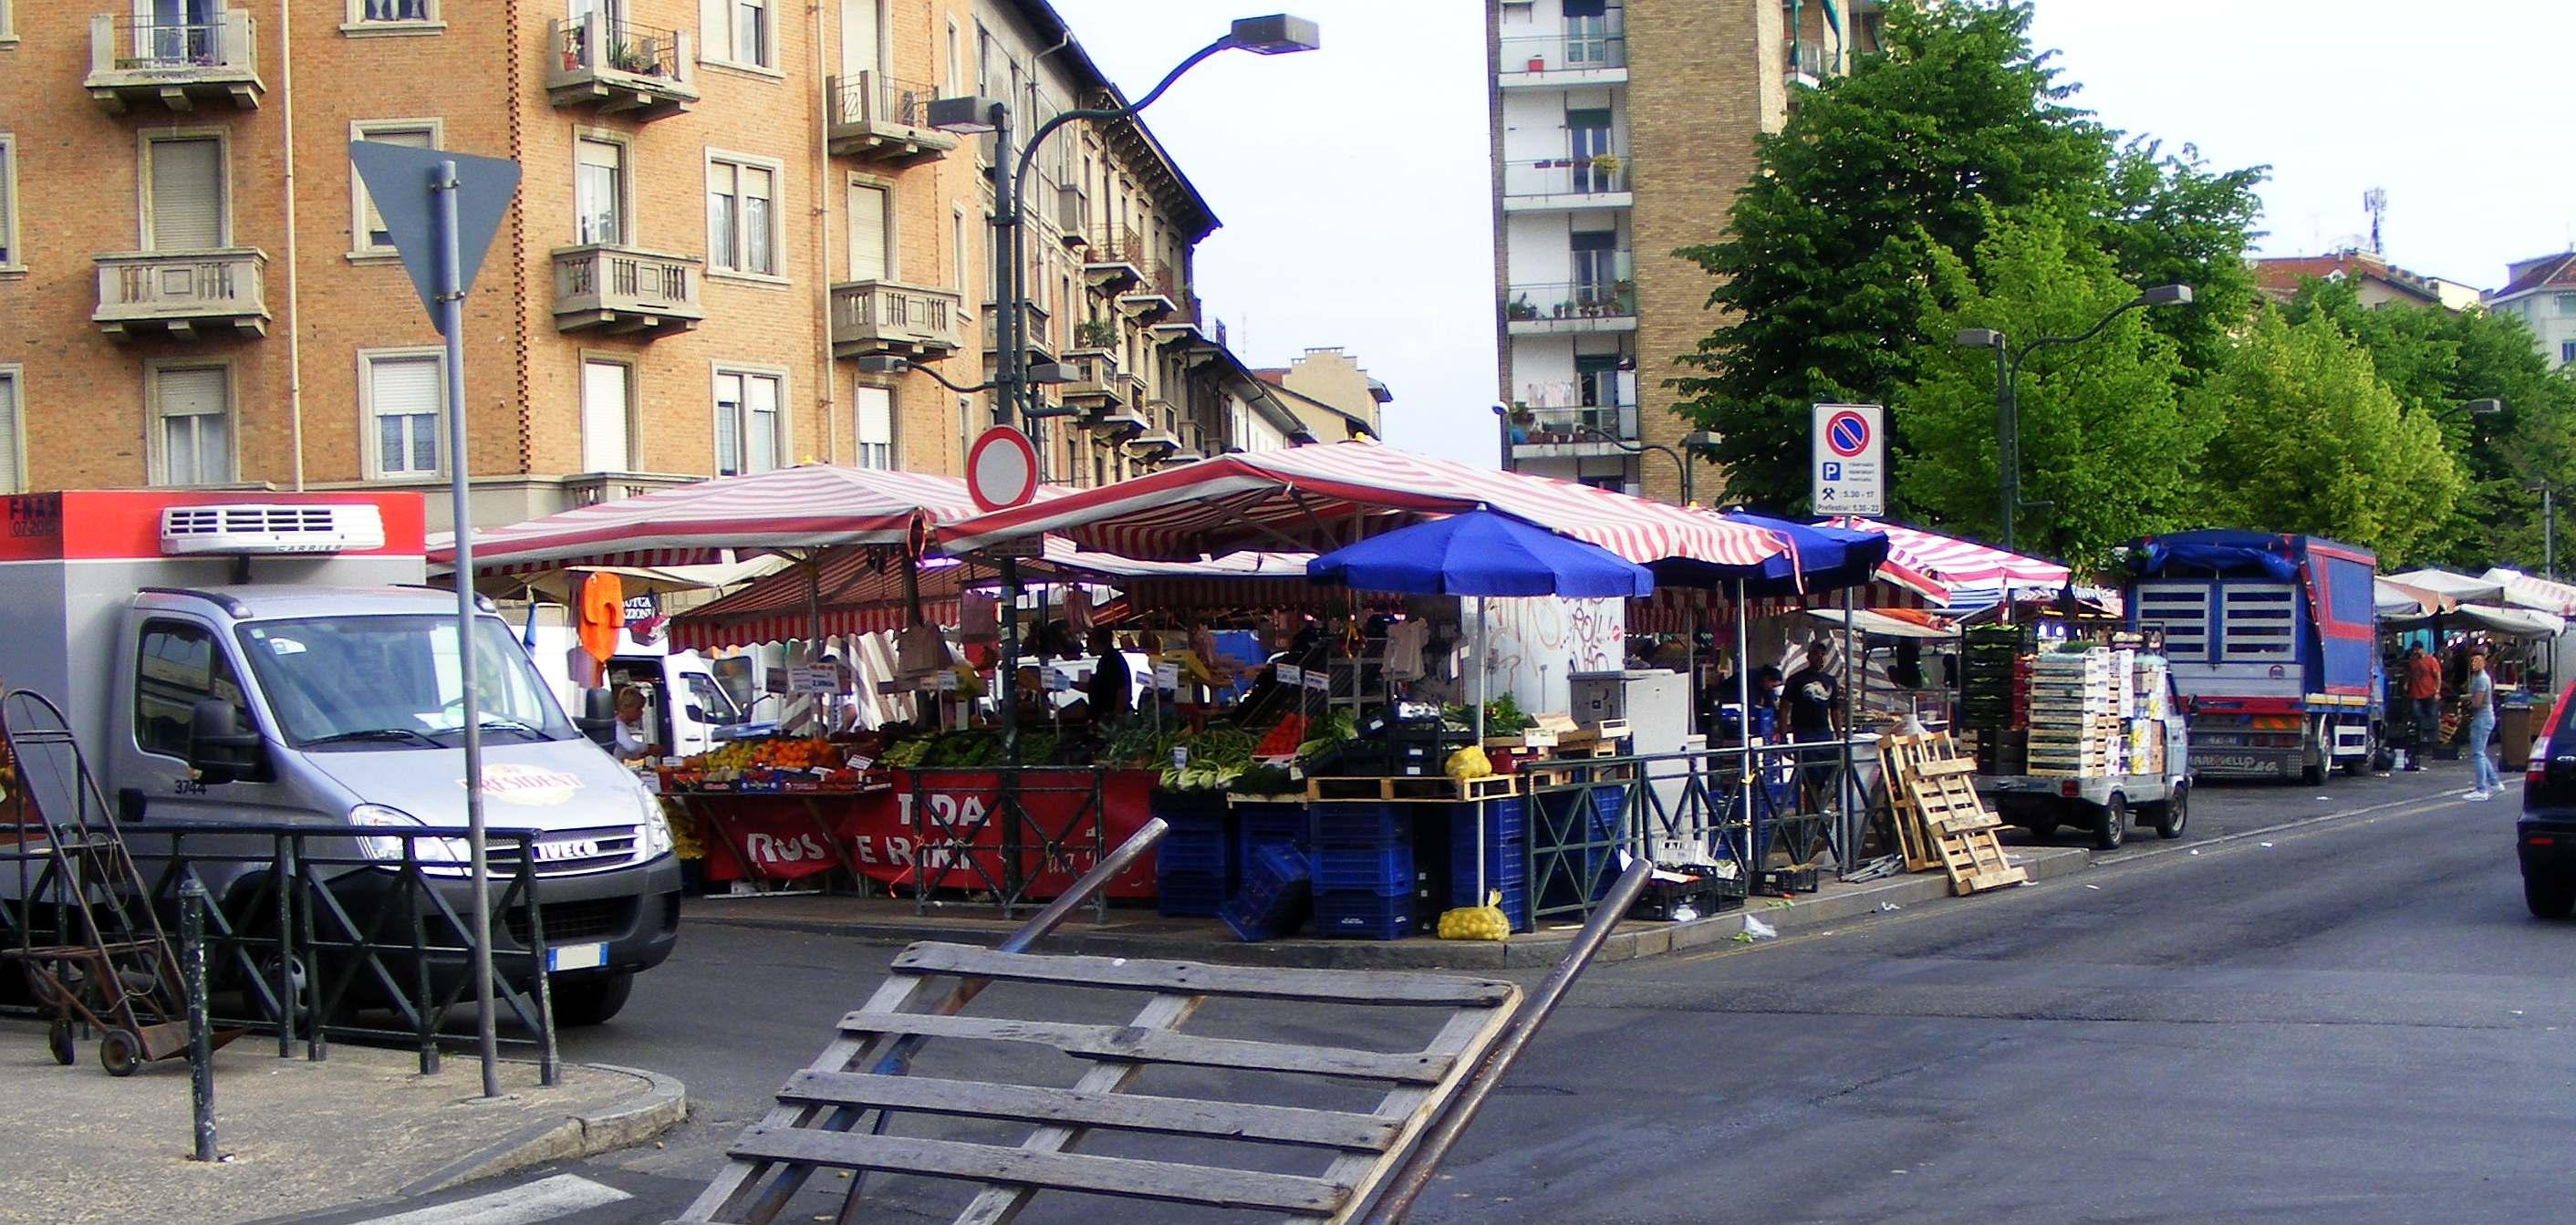 Sempre meno mercati a Torino: troppe tasse, in crisi anche Porta Palazzo